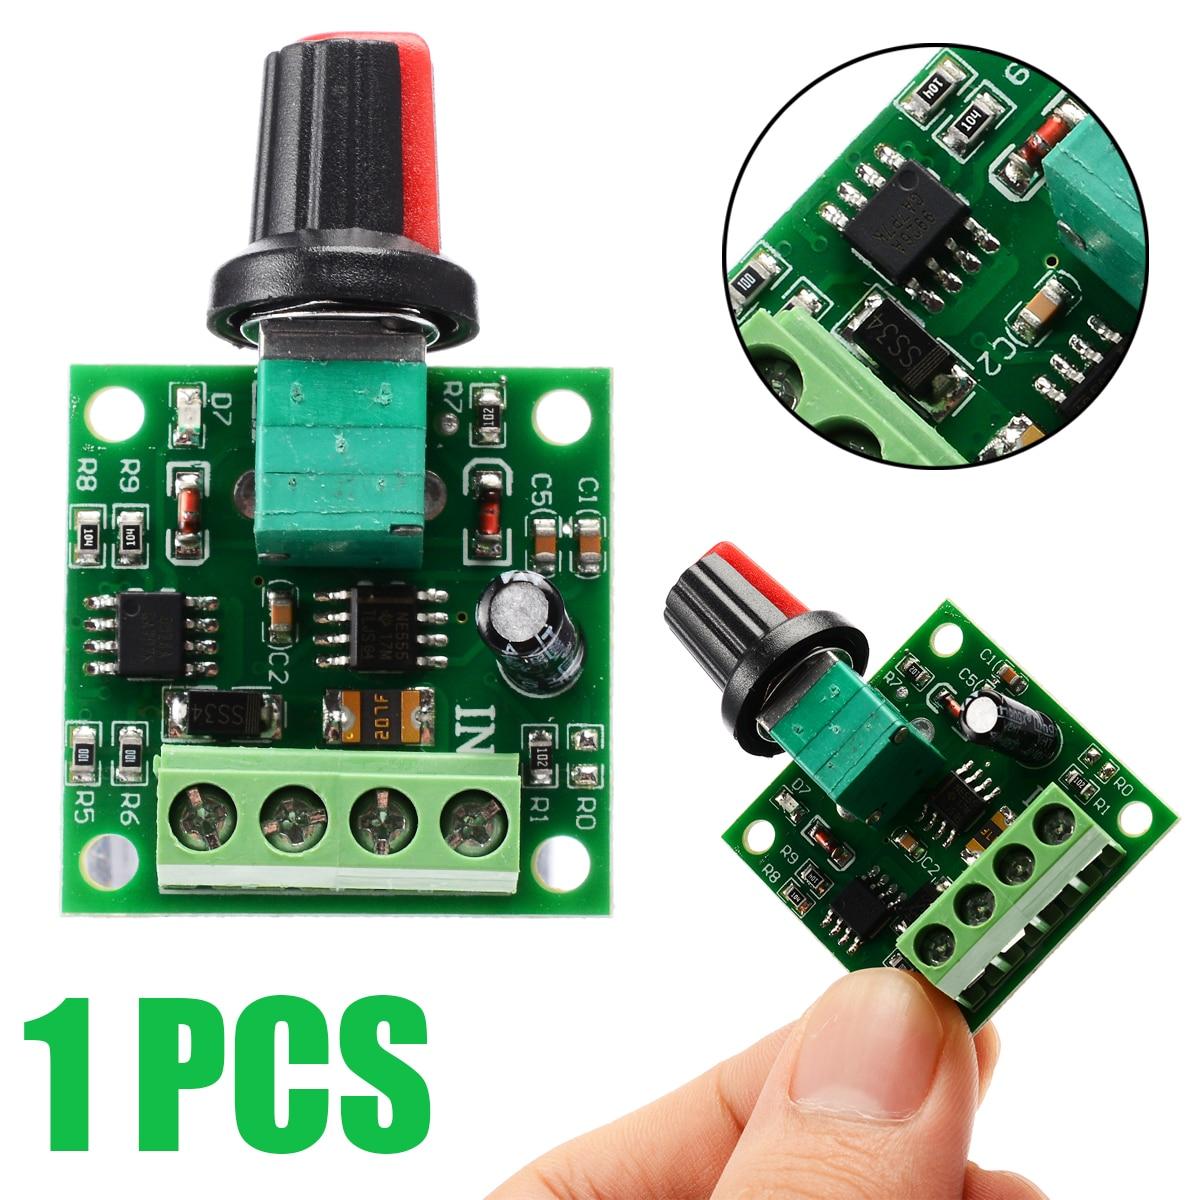 電圧 DC 1.8V 3V 5V 6V 12V 2A モータ速度コントローラ知事 PWM 調節可能なスイッチモータコントローラ